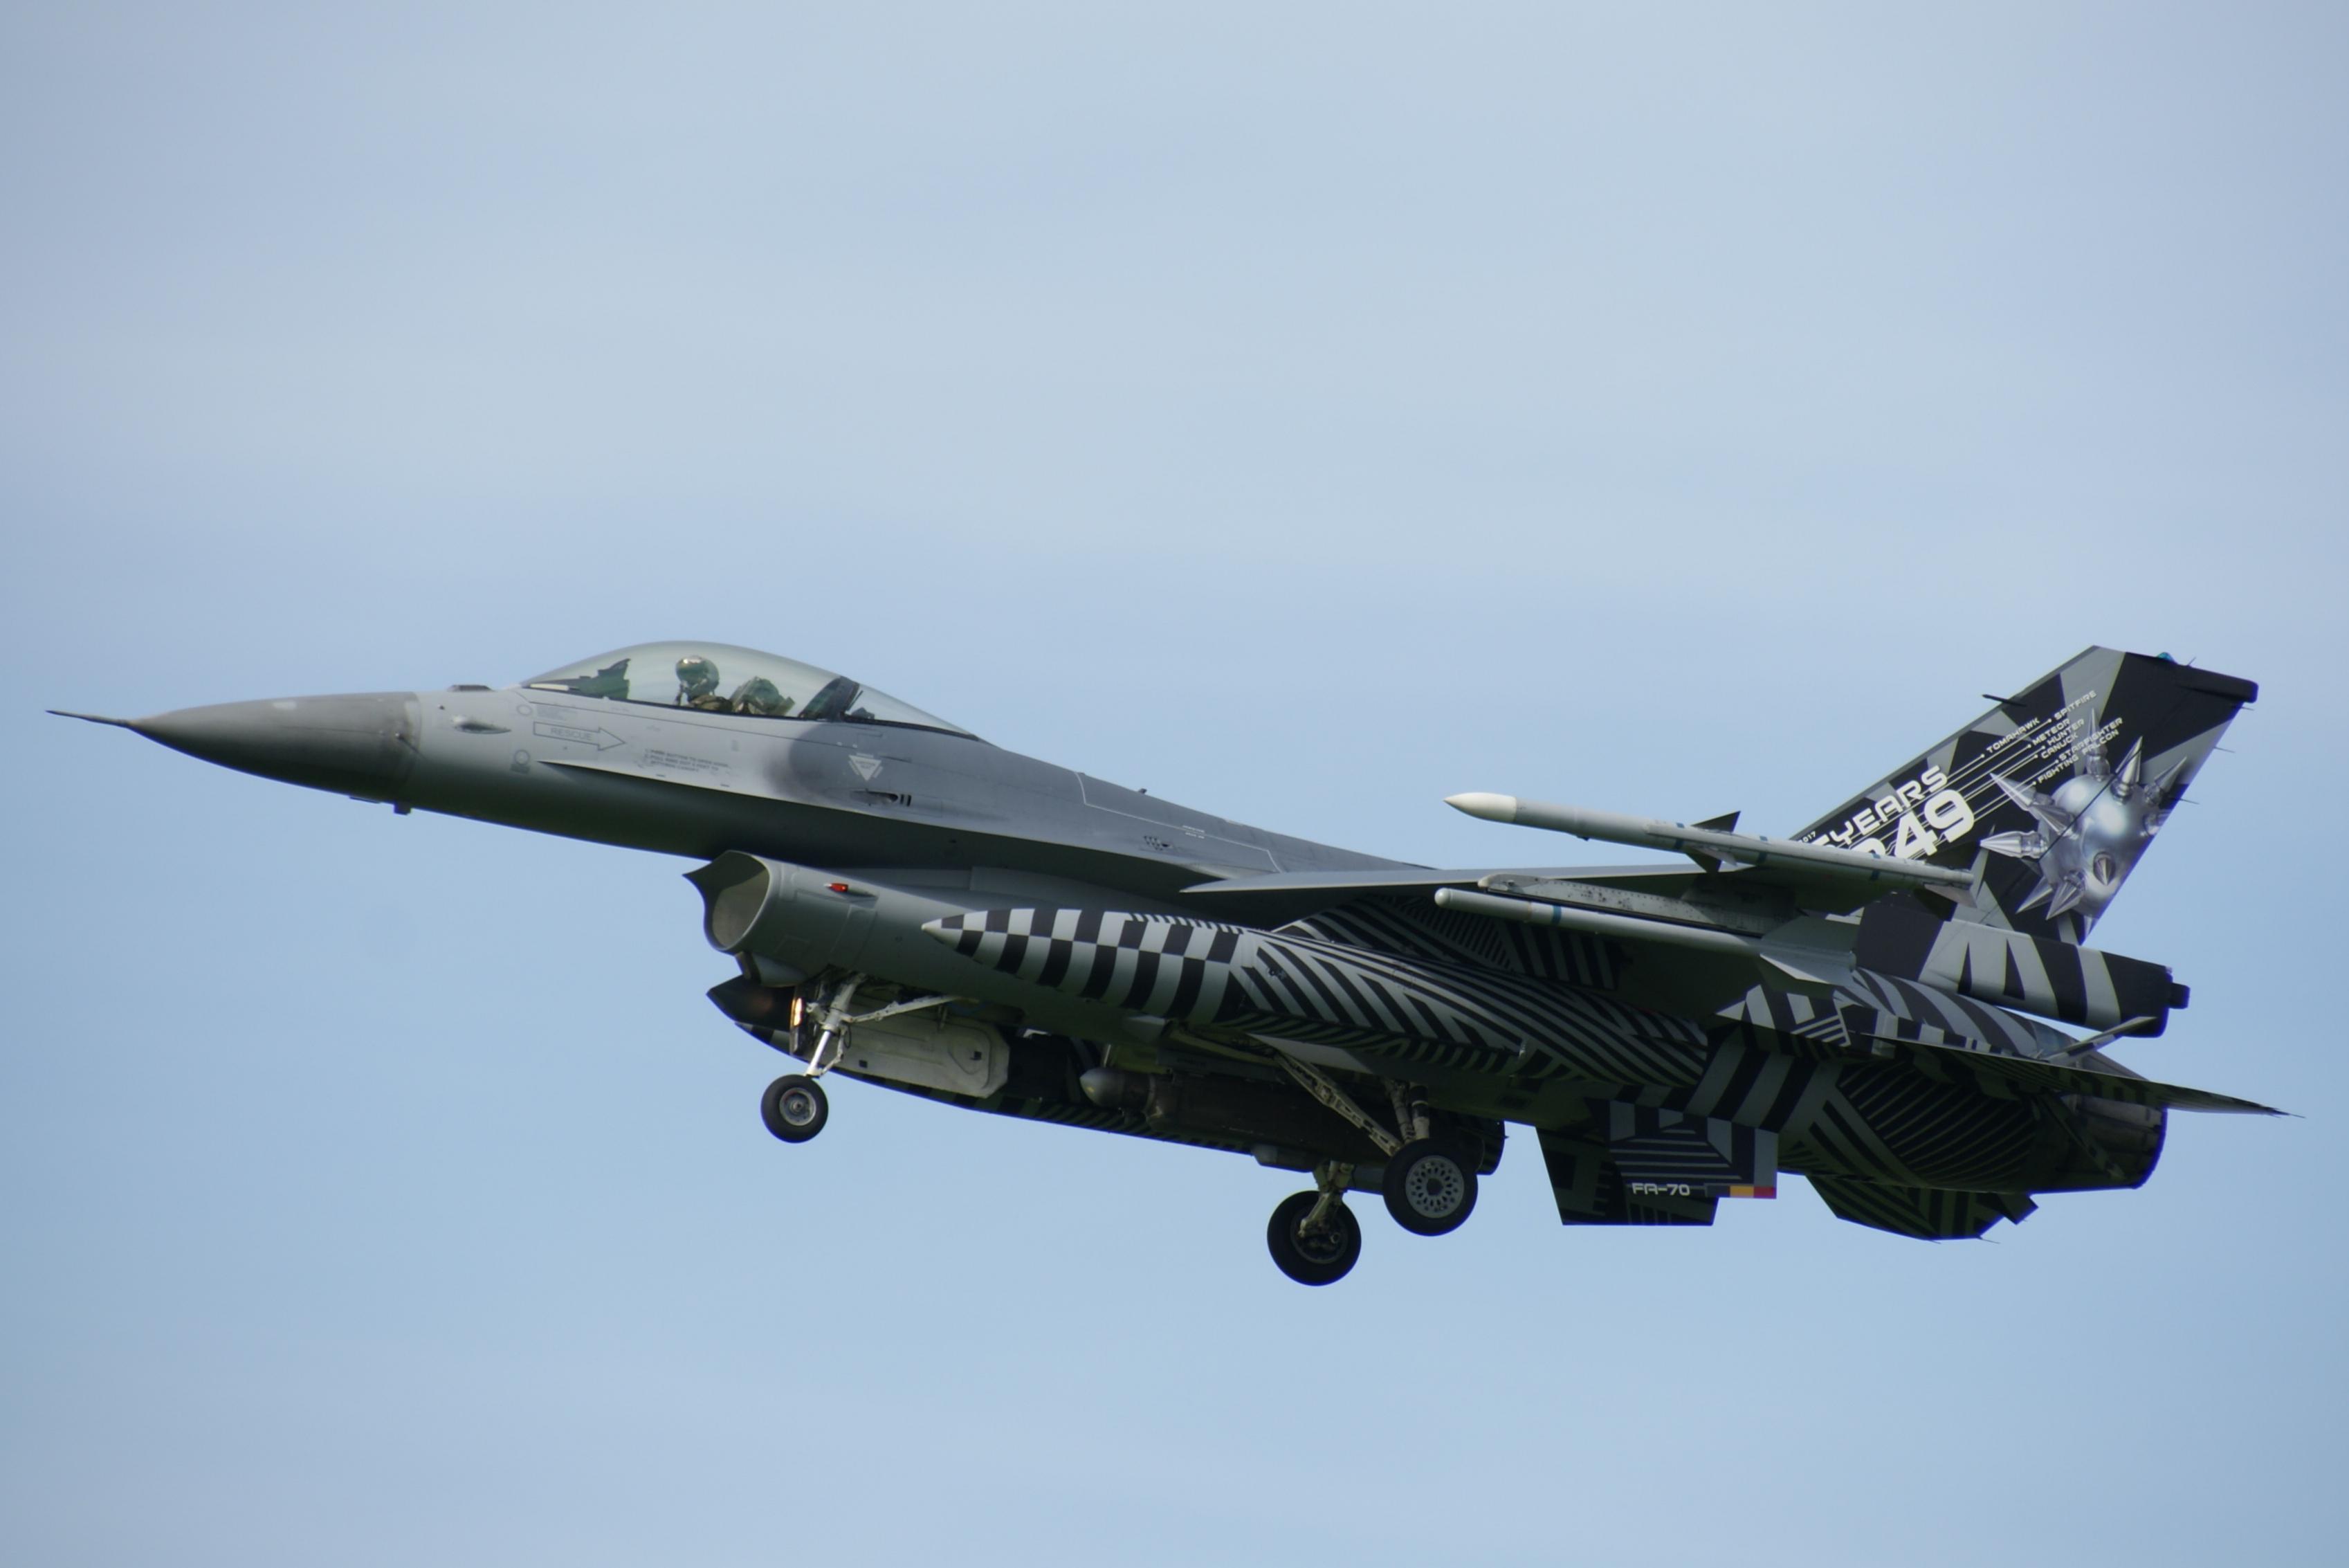 Naam: FA-70 SPECIAL (4).jpg Bekeken: 242 Grootte: 239,1 KB